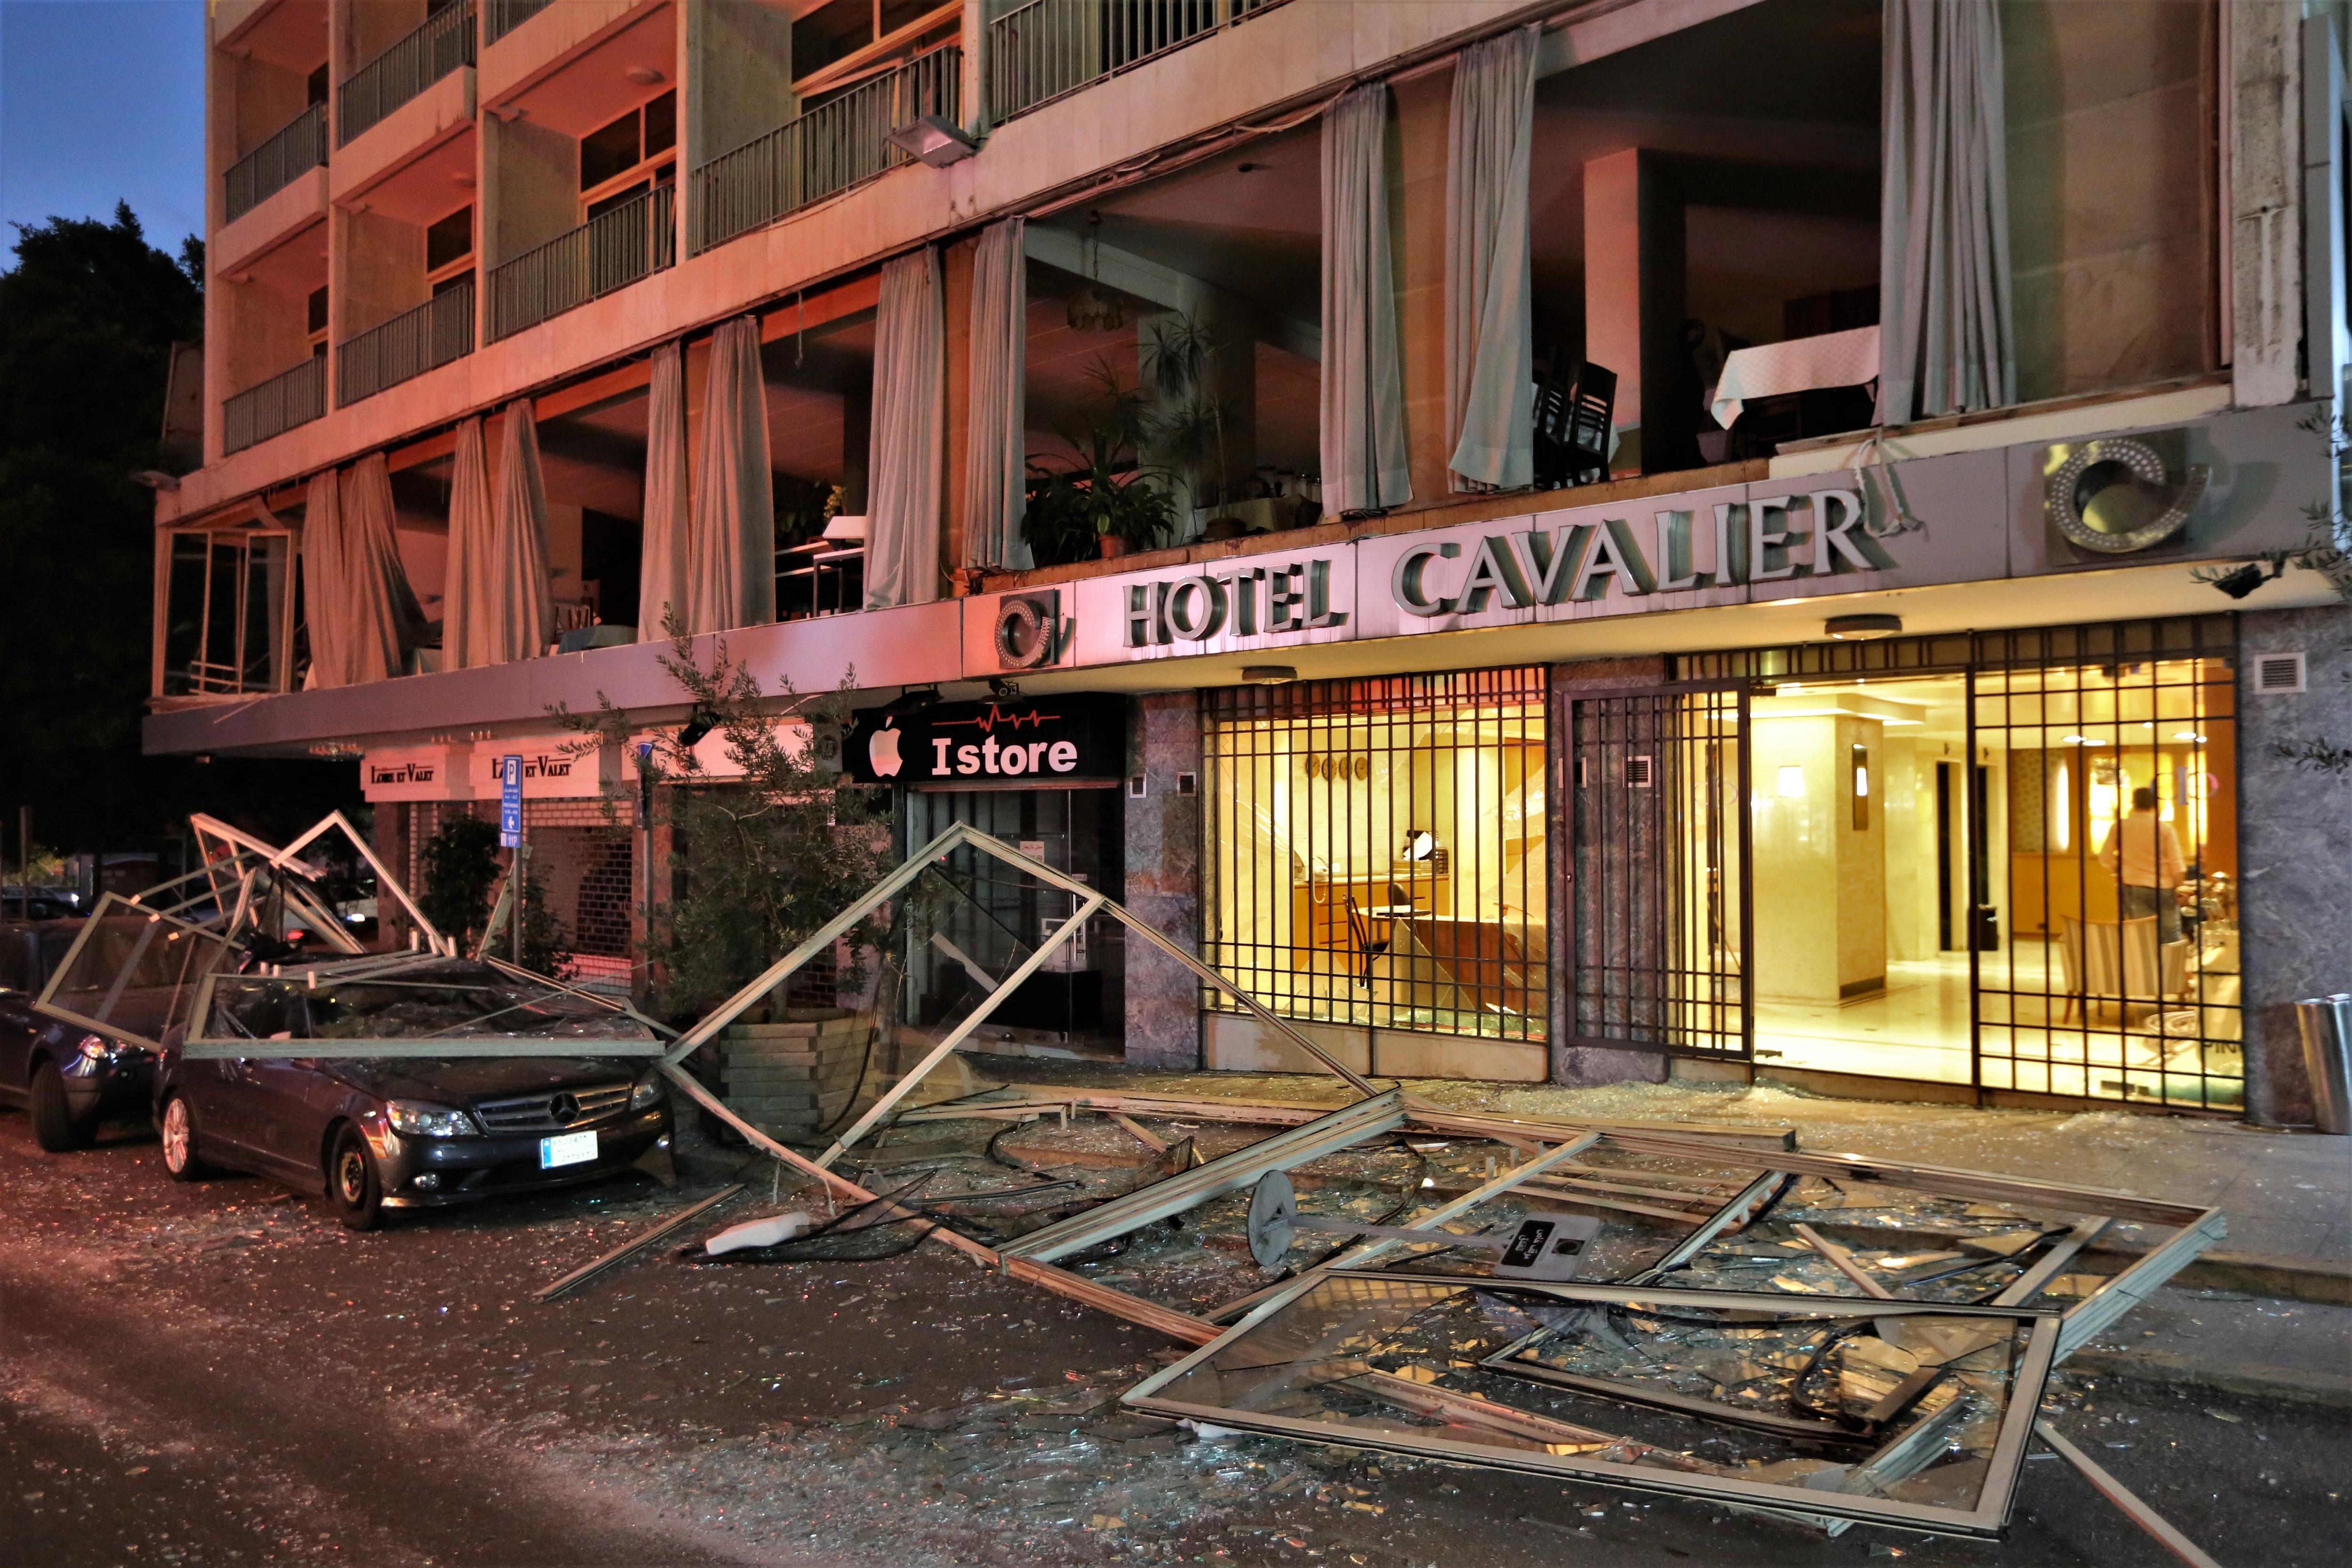 منظر يُظهر فندق كافاليير المتضرر في منطقة الحمرا في بيروت بعد انفجار الميناء.